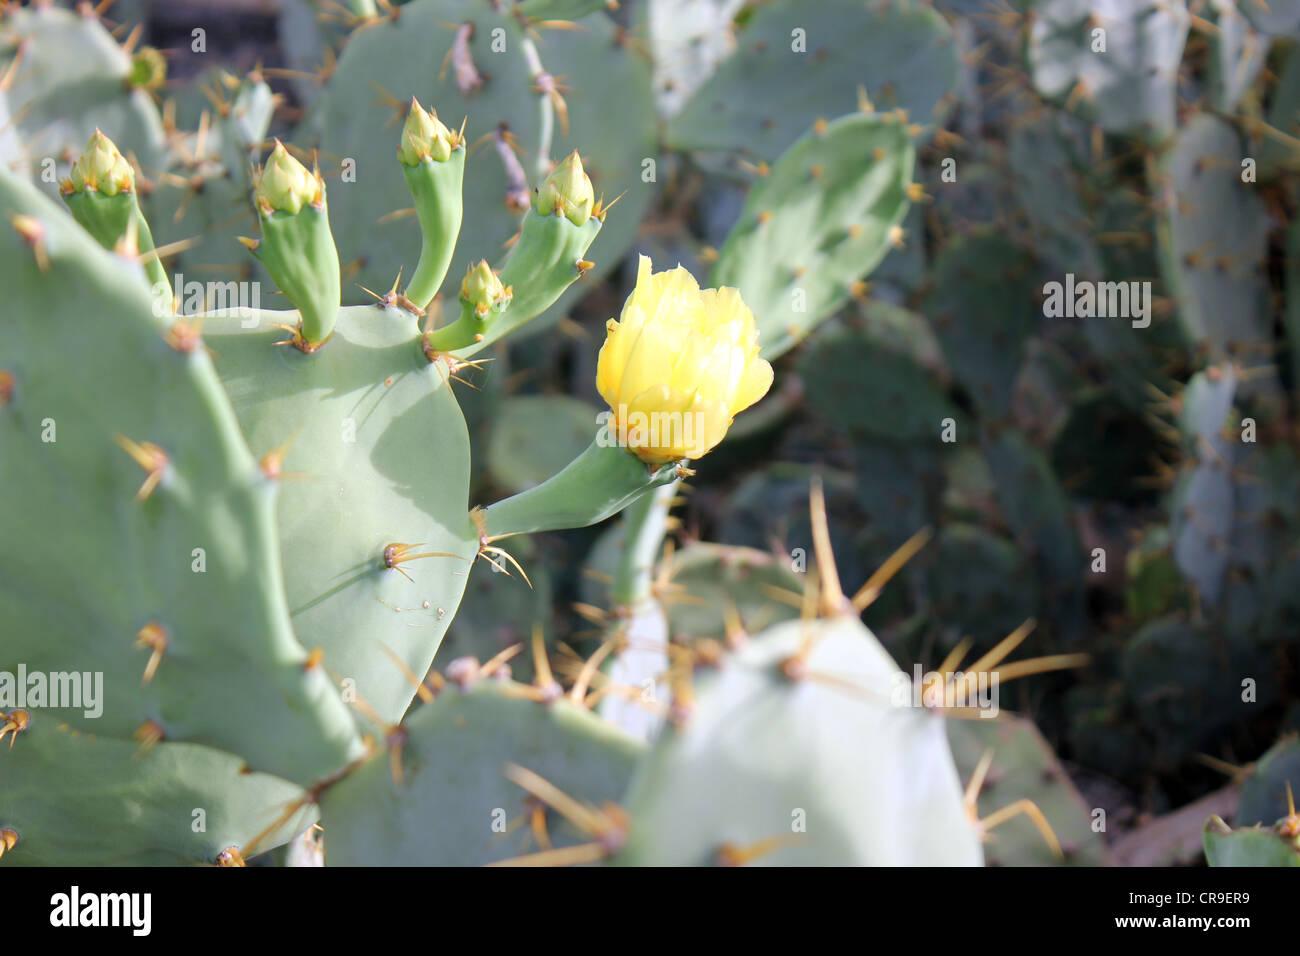 Très épineux cactus avec des boutons de fleurs et fleur jaune Photo Stock